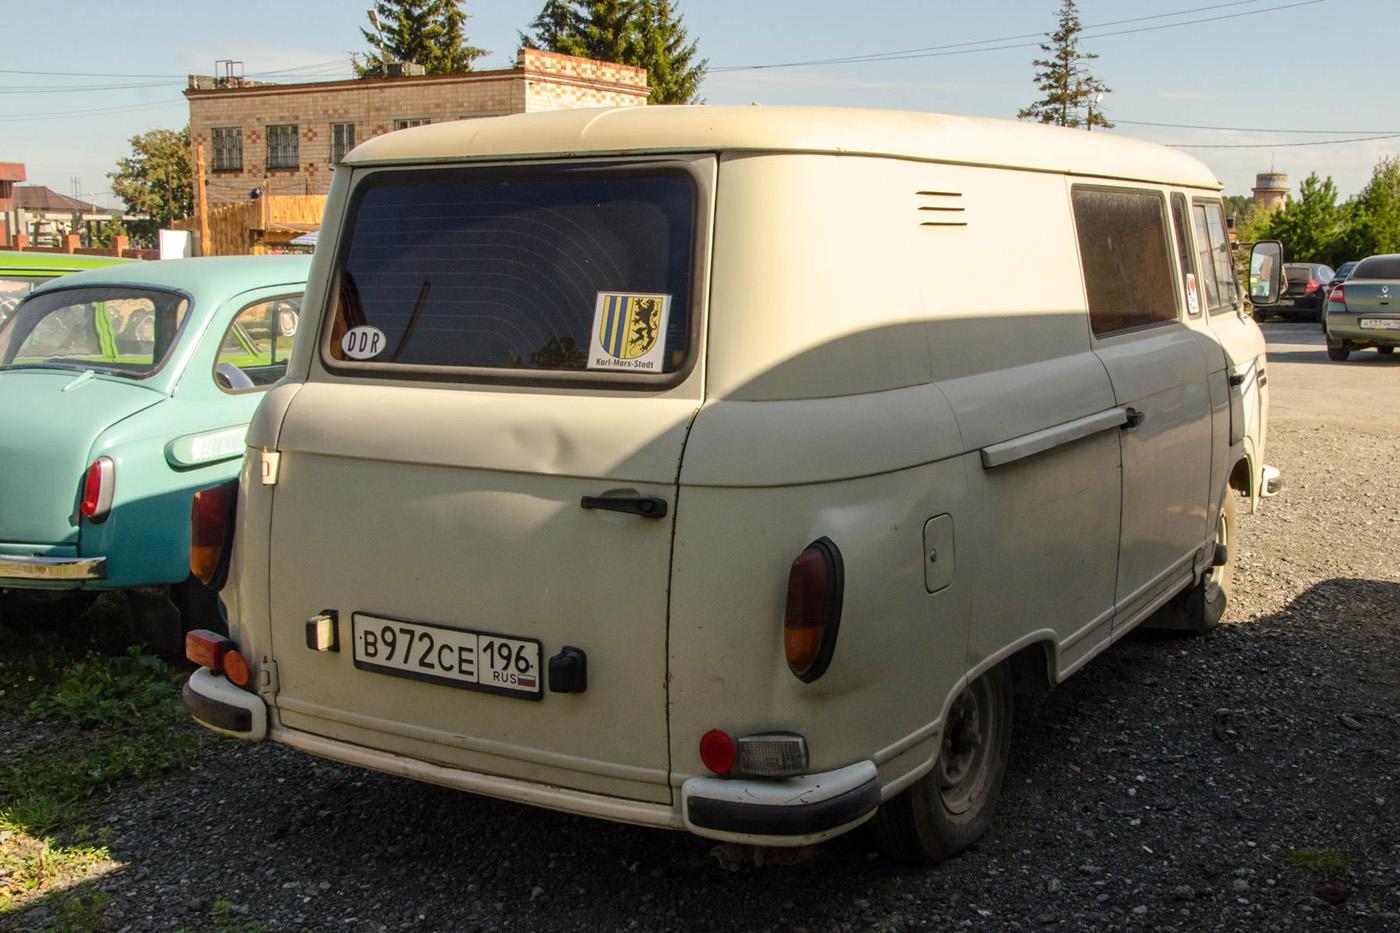 Цельнометаллический фургон Barkas B1000 #В 972 СЕ 196. Екатеринбург, Авиационная улица